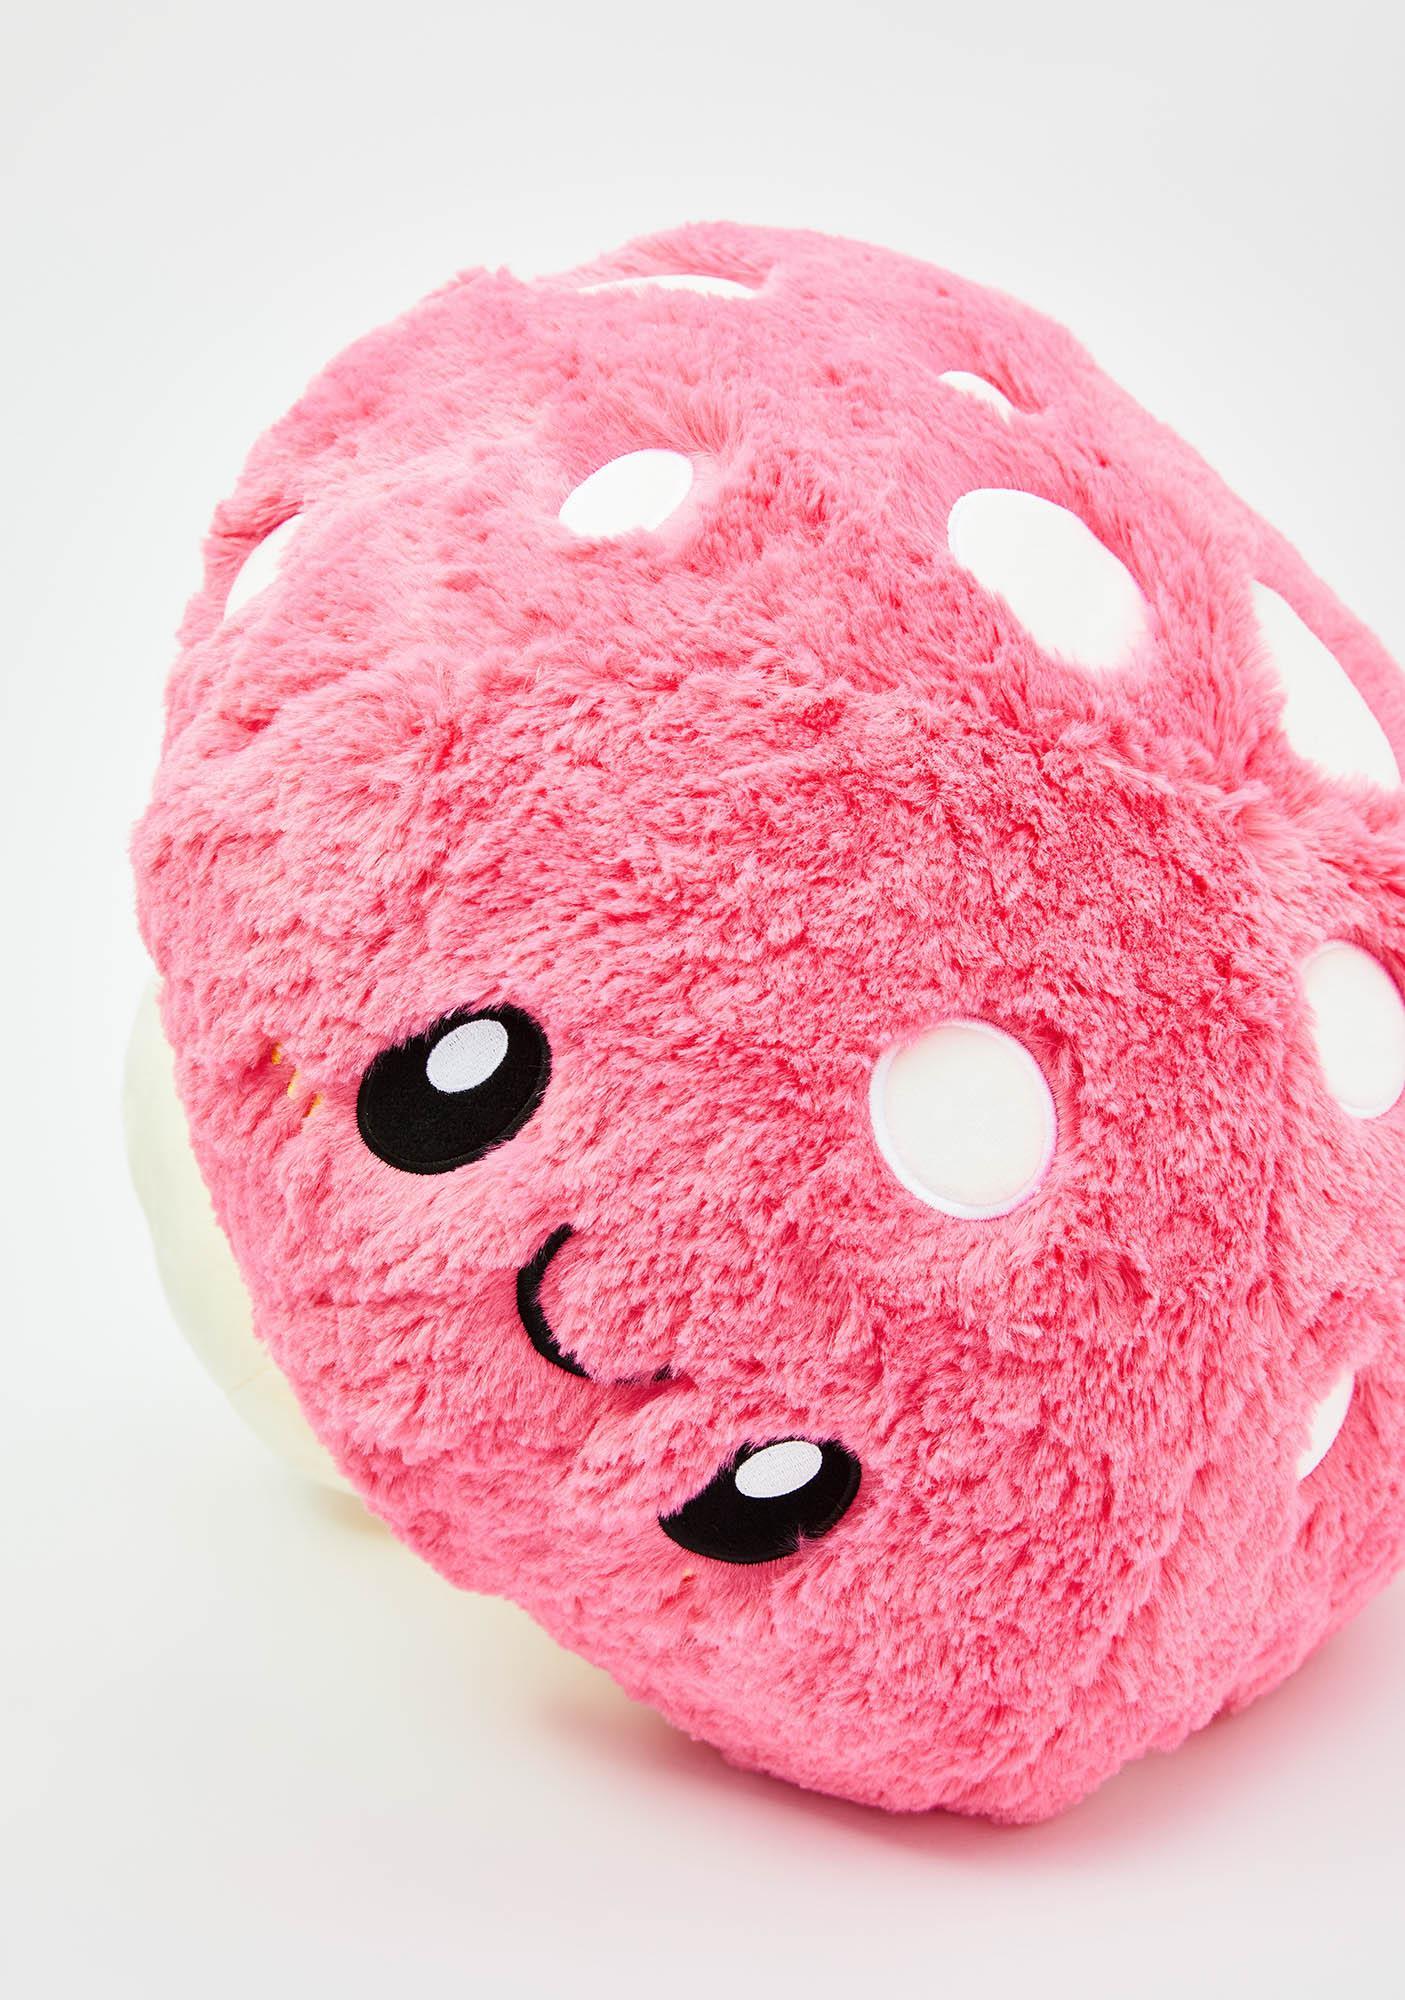 Squishable Pink Mushroom 15 Inch Plushie